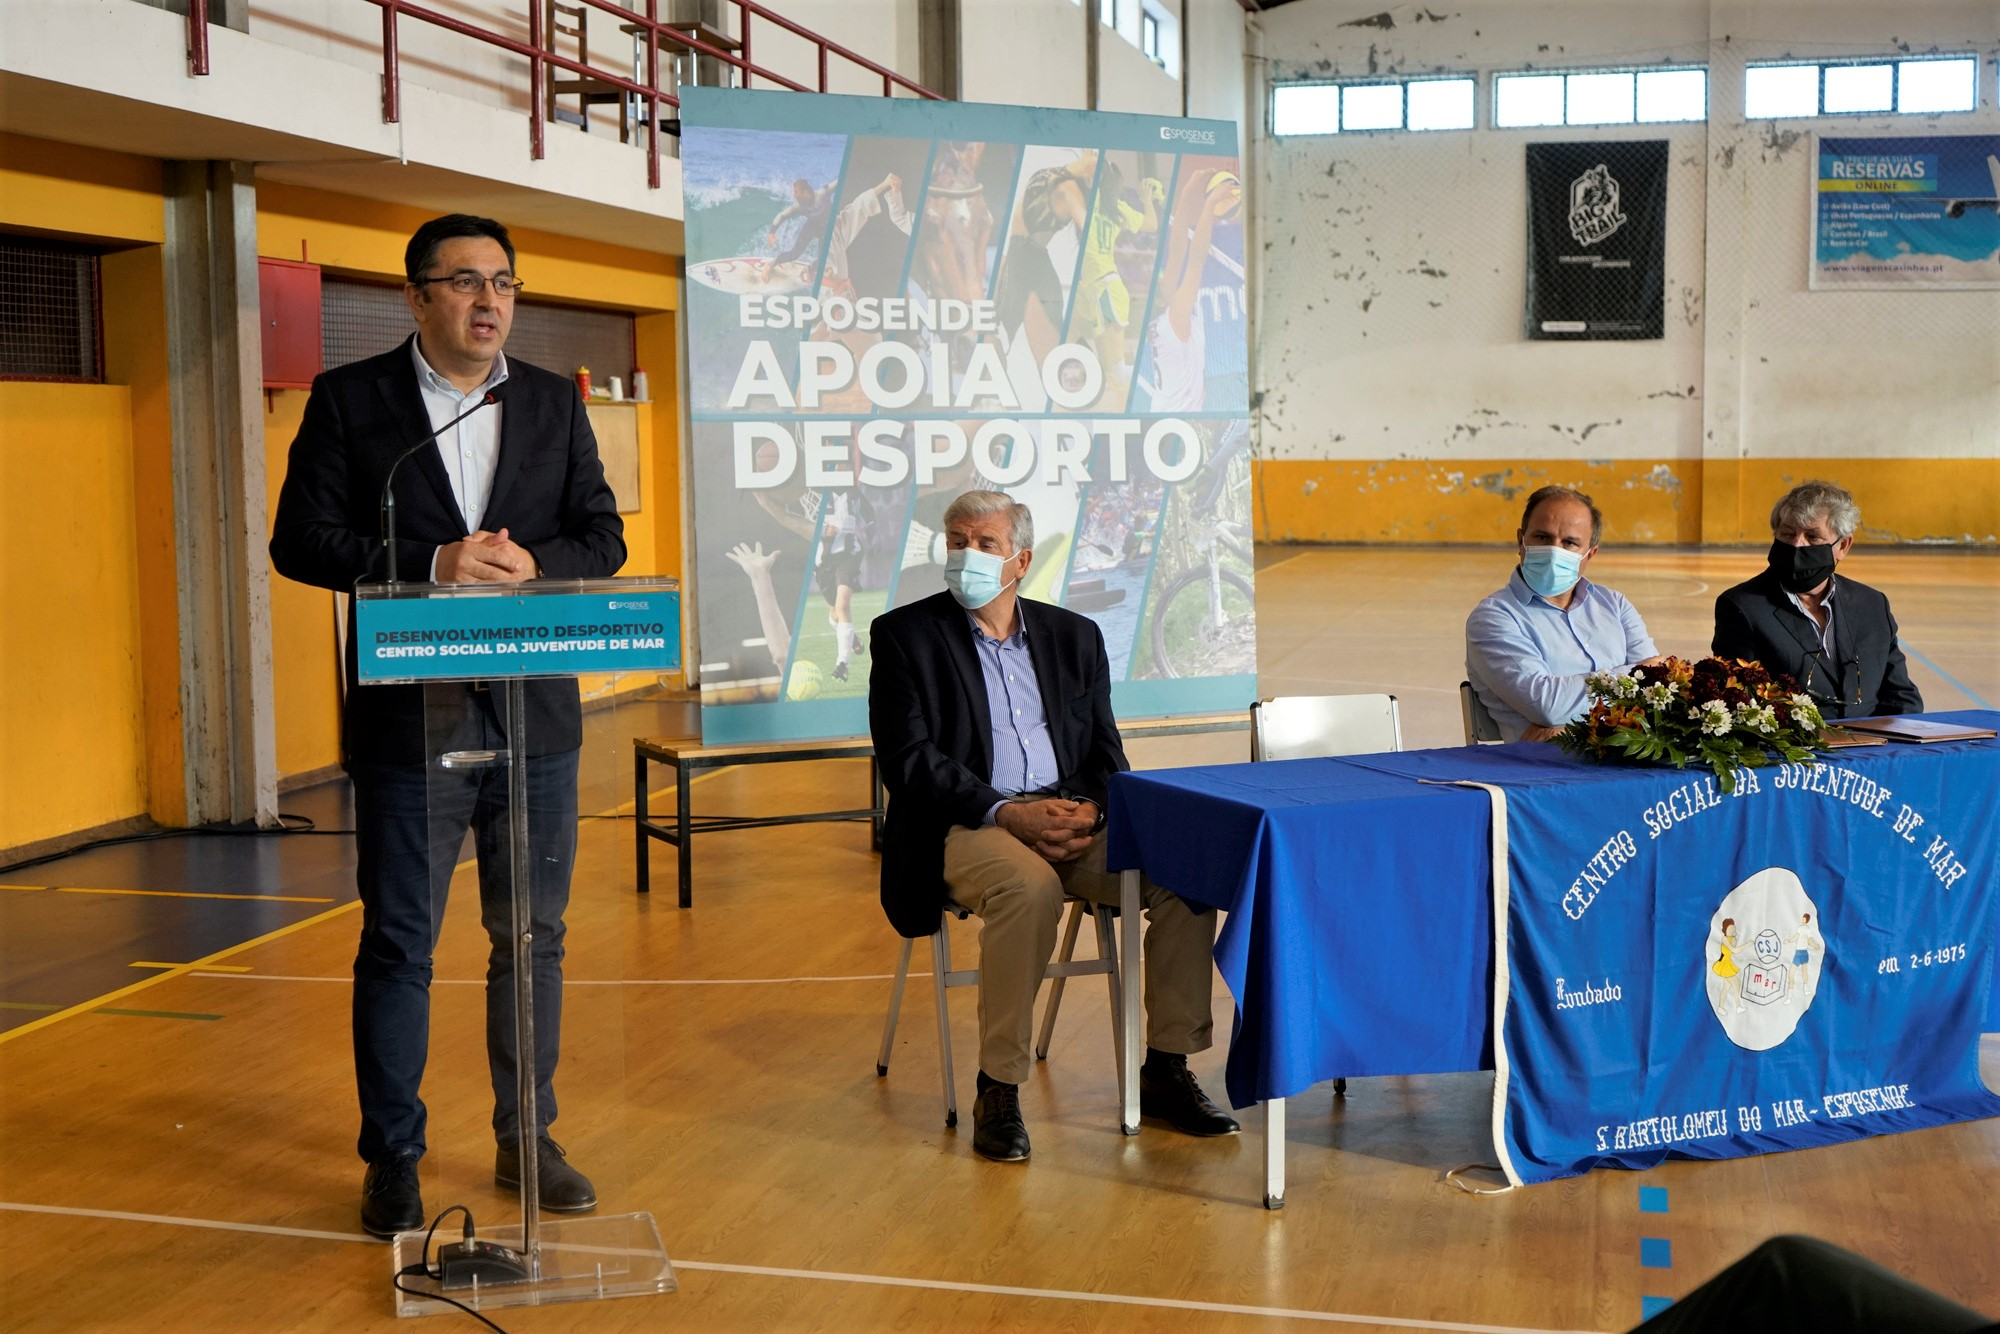 Esposende financia em 70 mil euros obras de reabilitação no gimnodesportivo de Mar